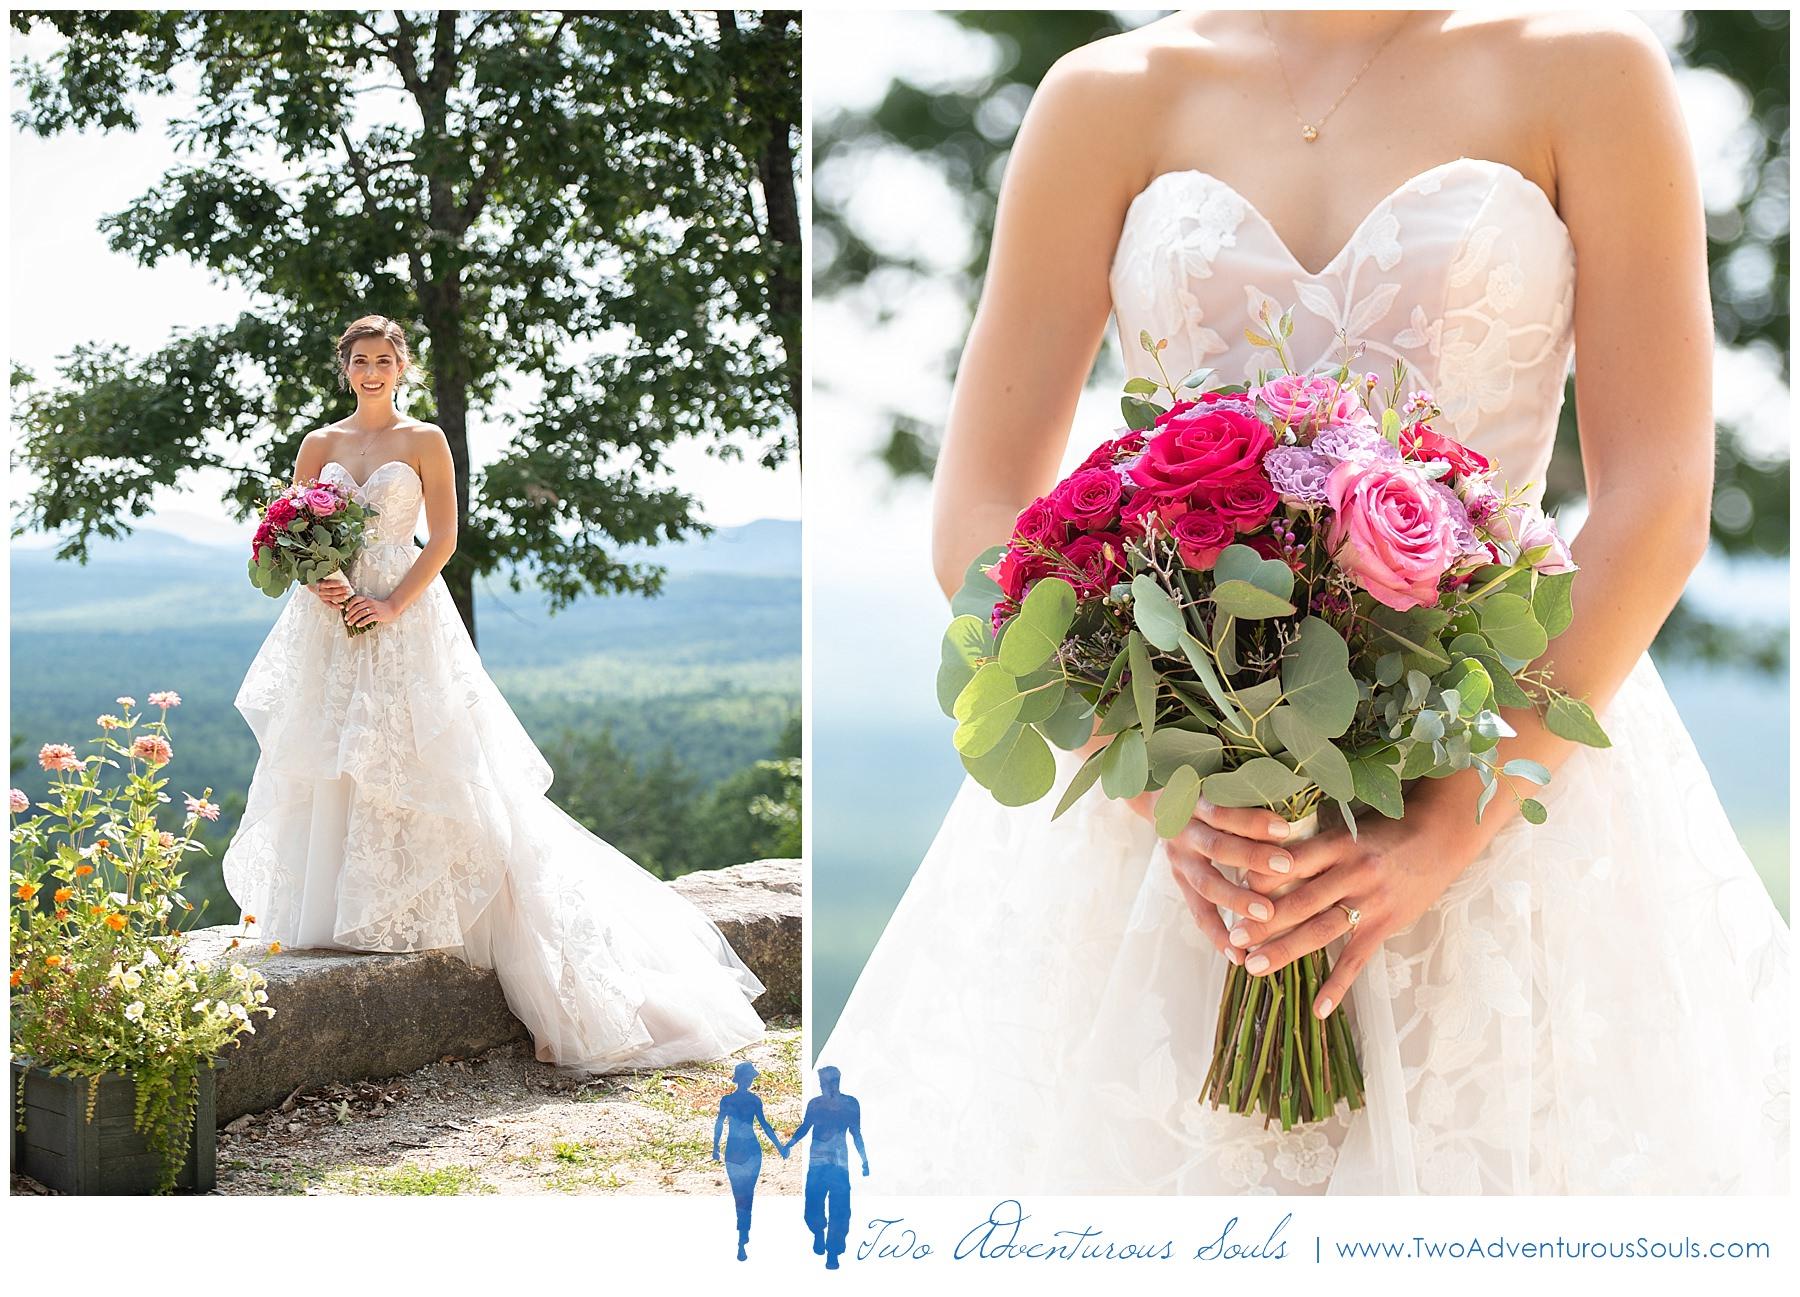 Maine Wedding Photographers, Granite Ridge Estate Wedding Photographers, Two Adventurous Souls - 080319_0021.jpg